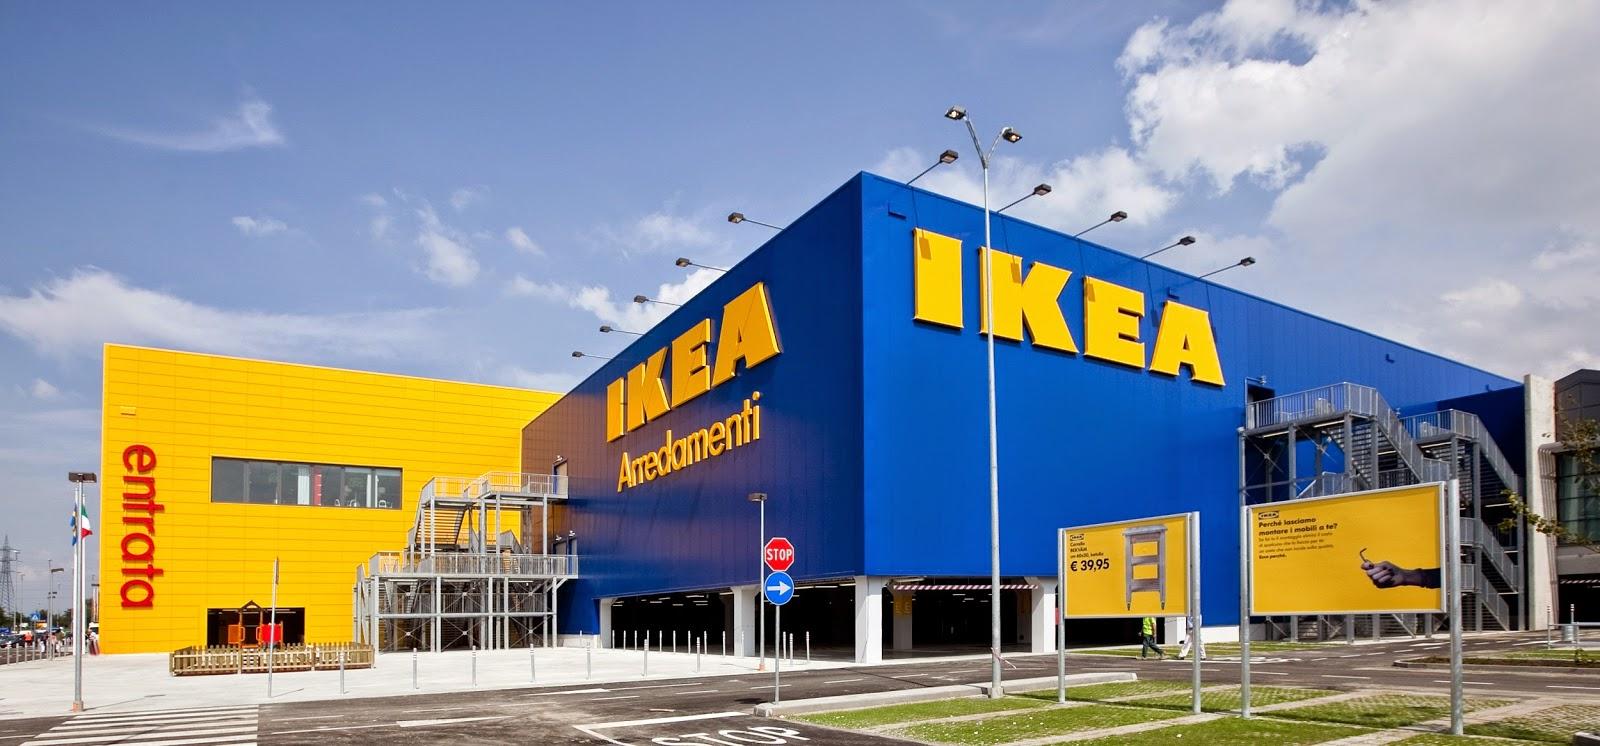 Arredare Negozio Con Ikea : Arredare un negozio con ikea. Arredare ...